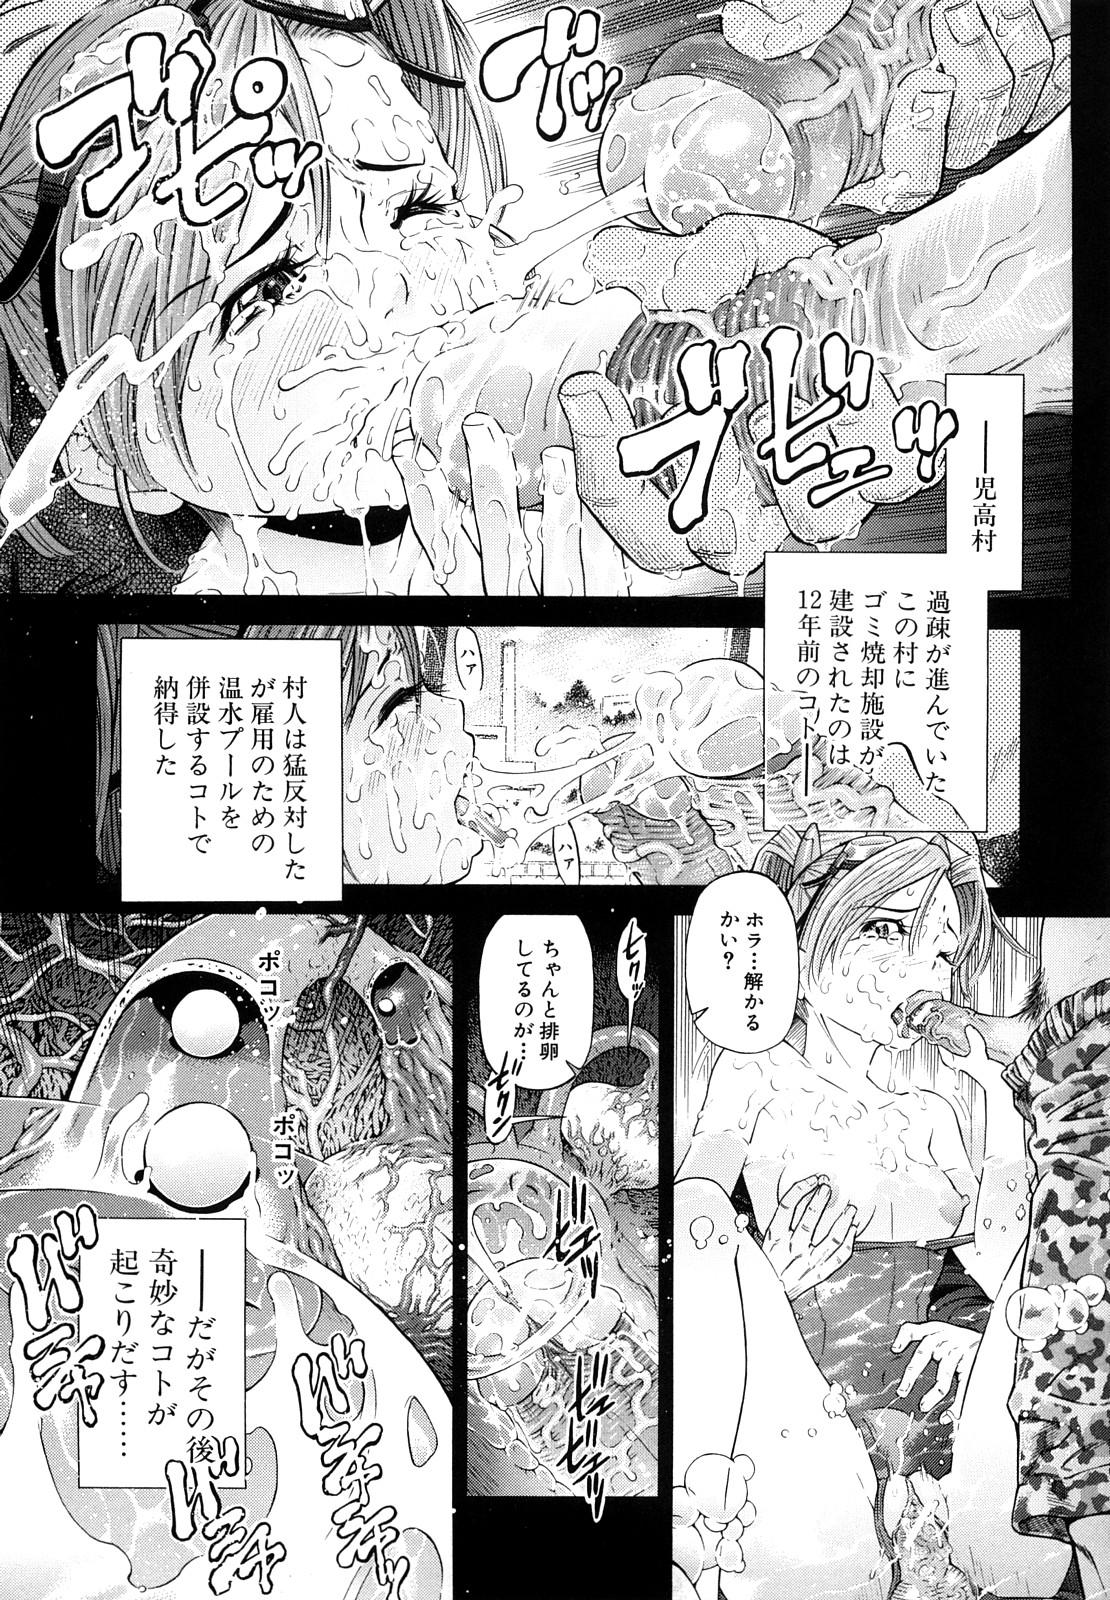 Chijyotachi no Kirifuda 119